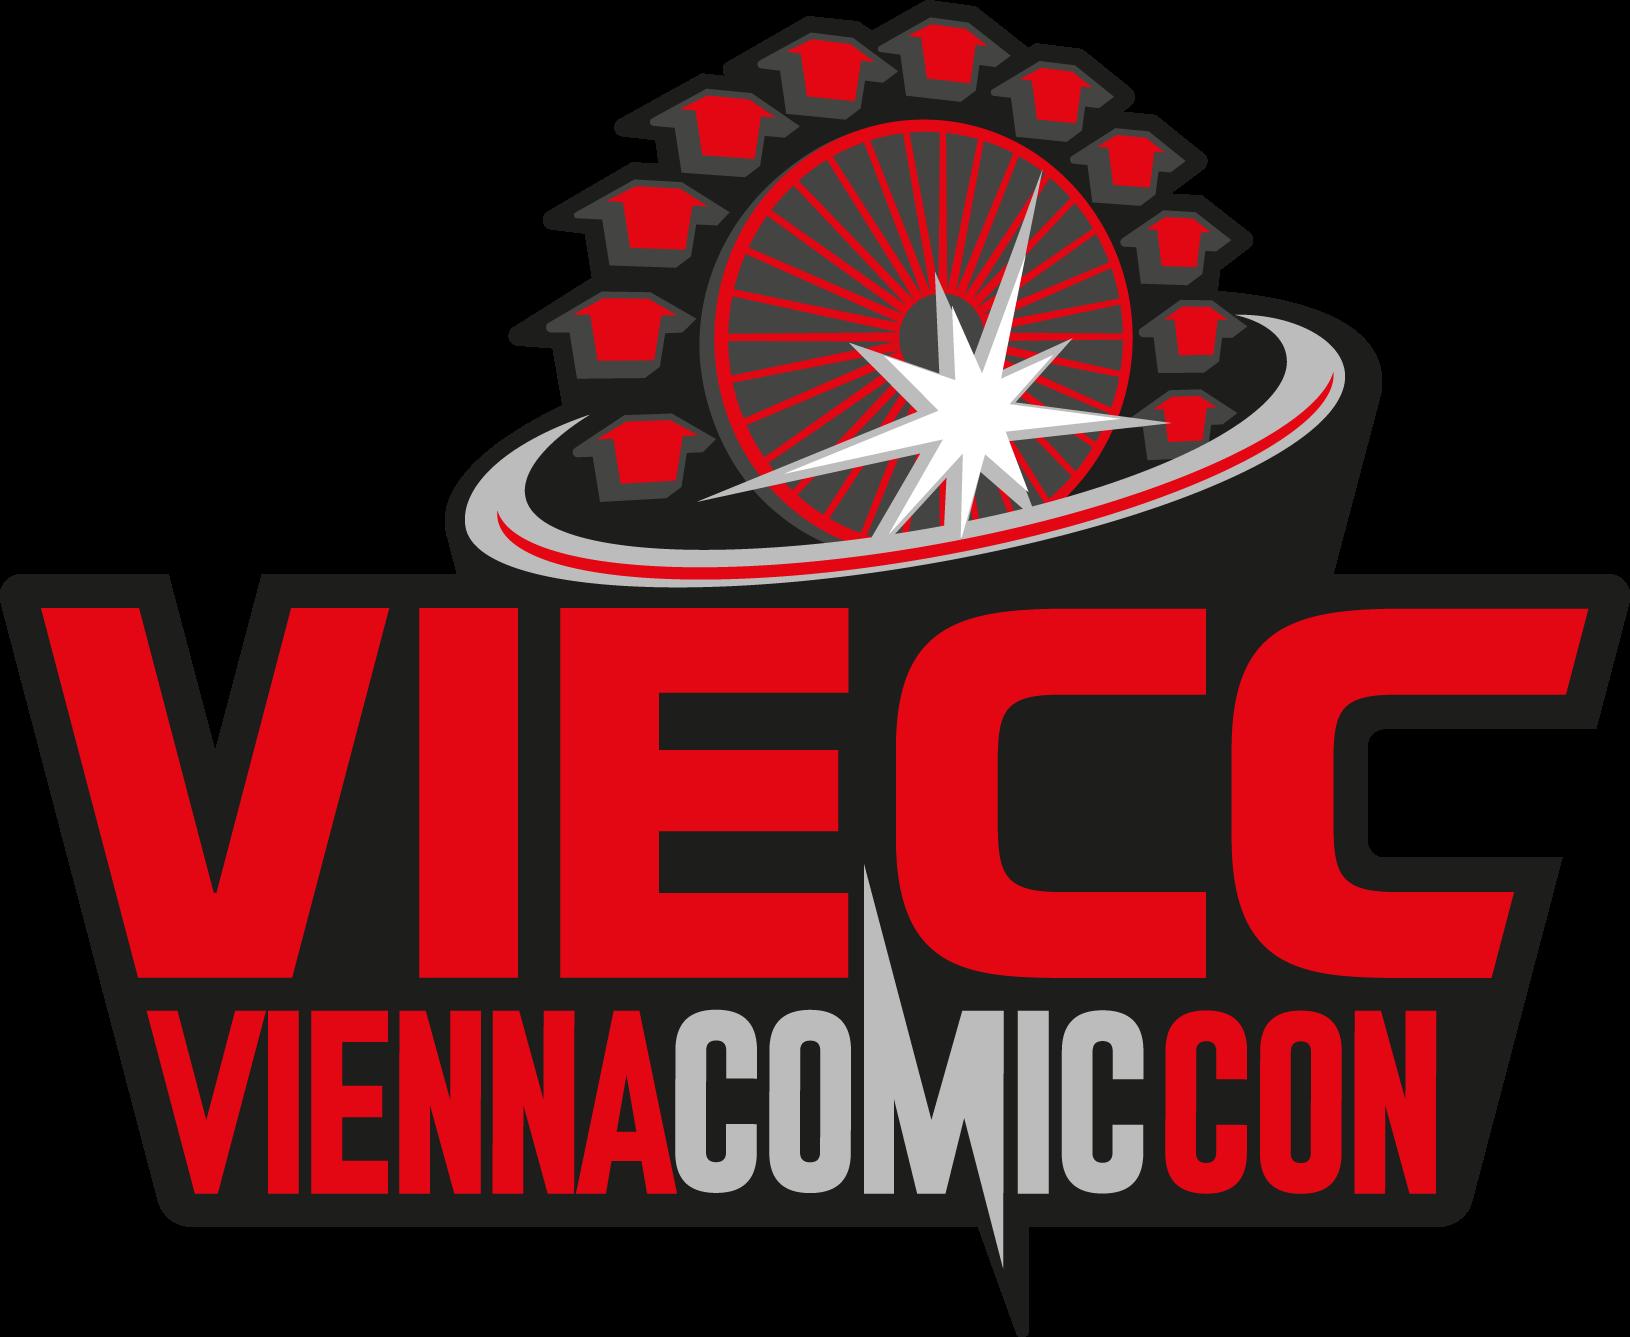 viecc-logo.png